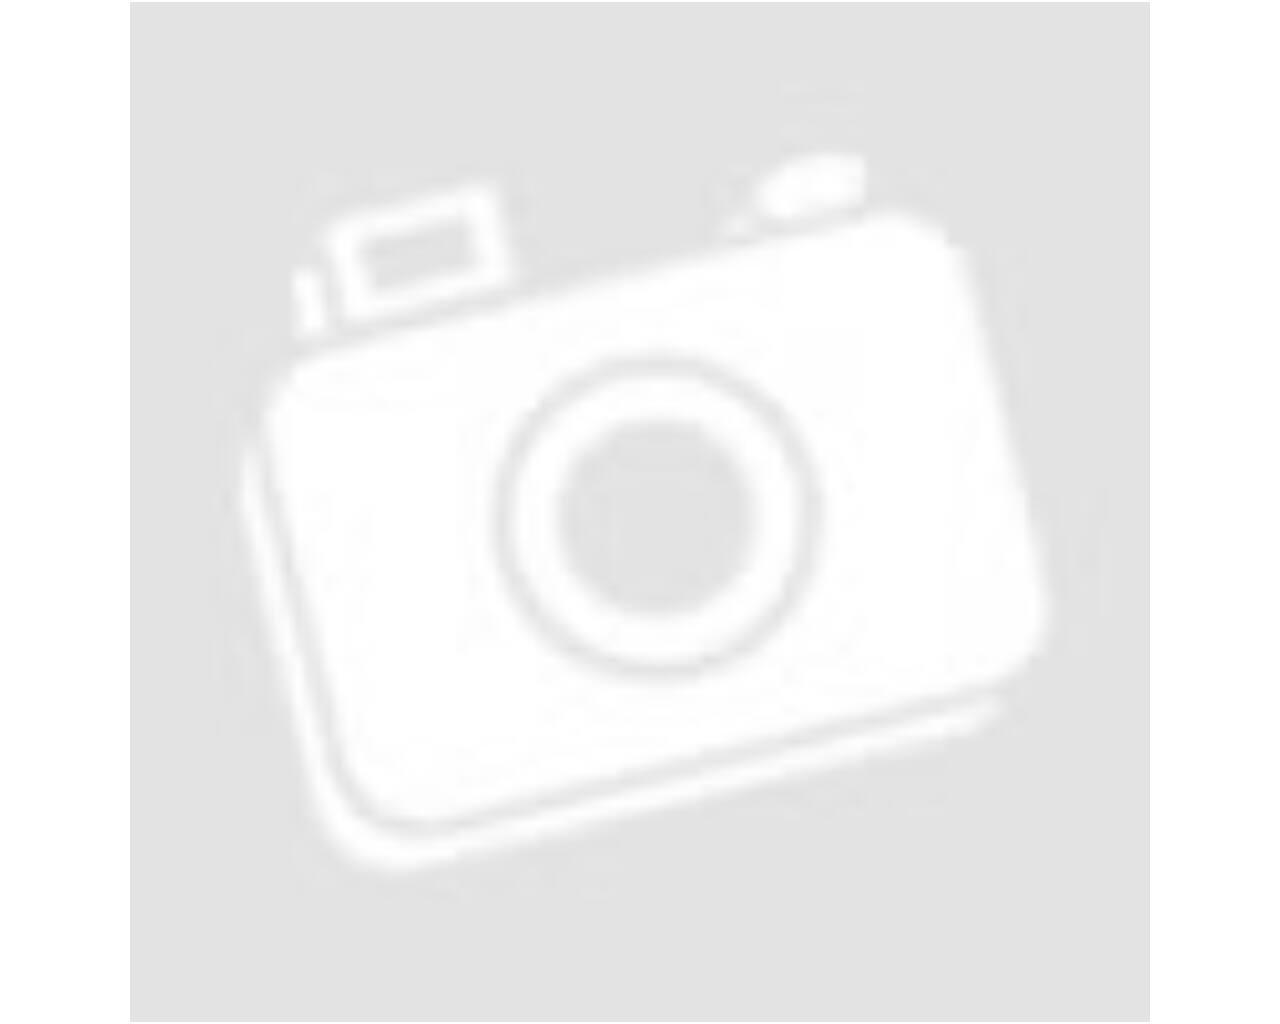 Beltéri/kültéri párkány bézs 840x180x20mm